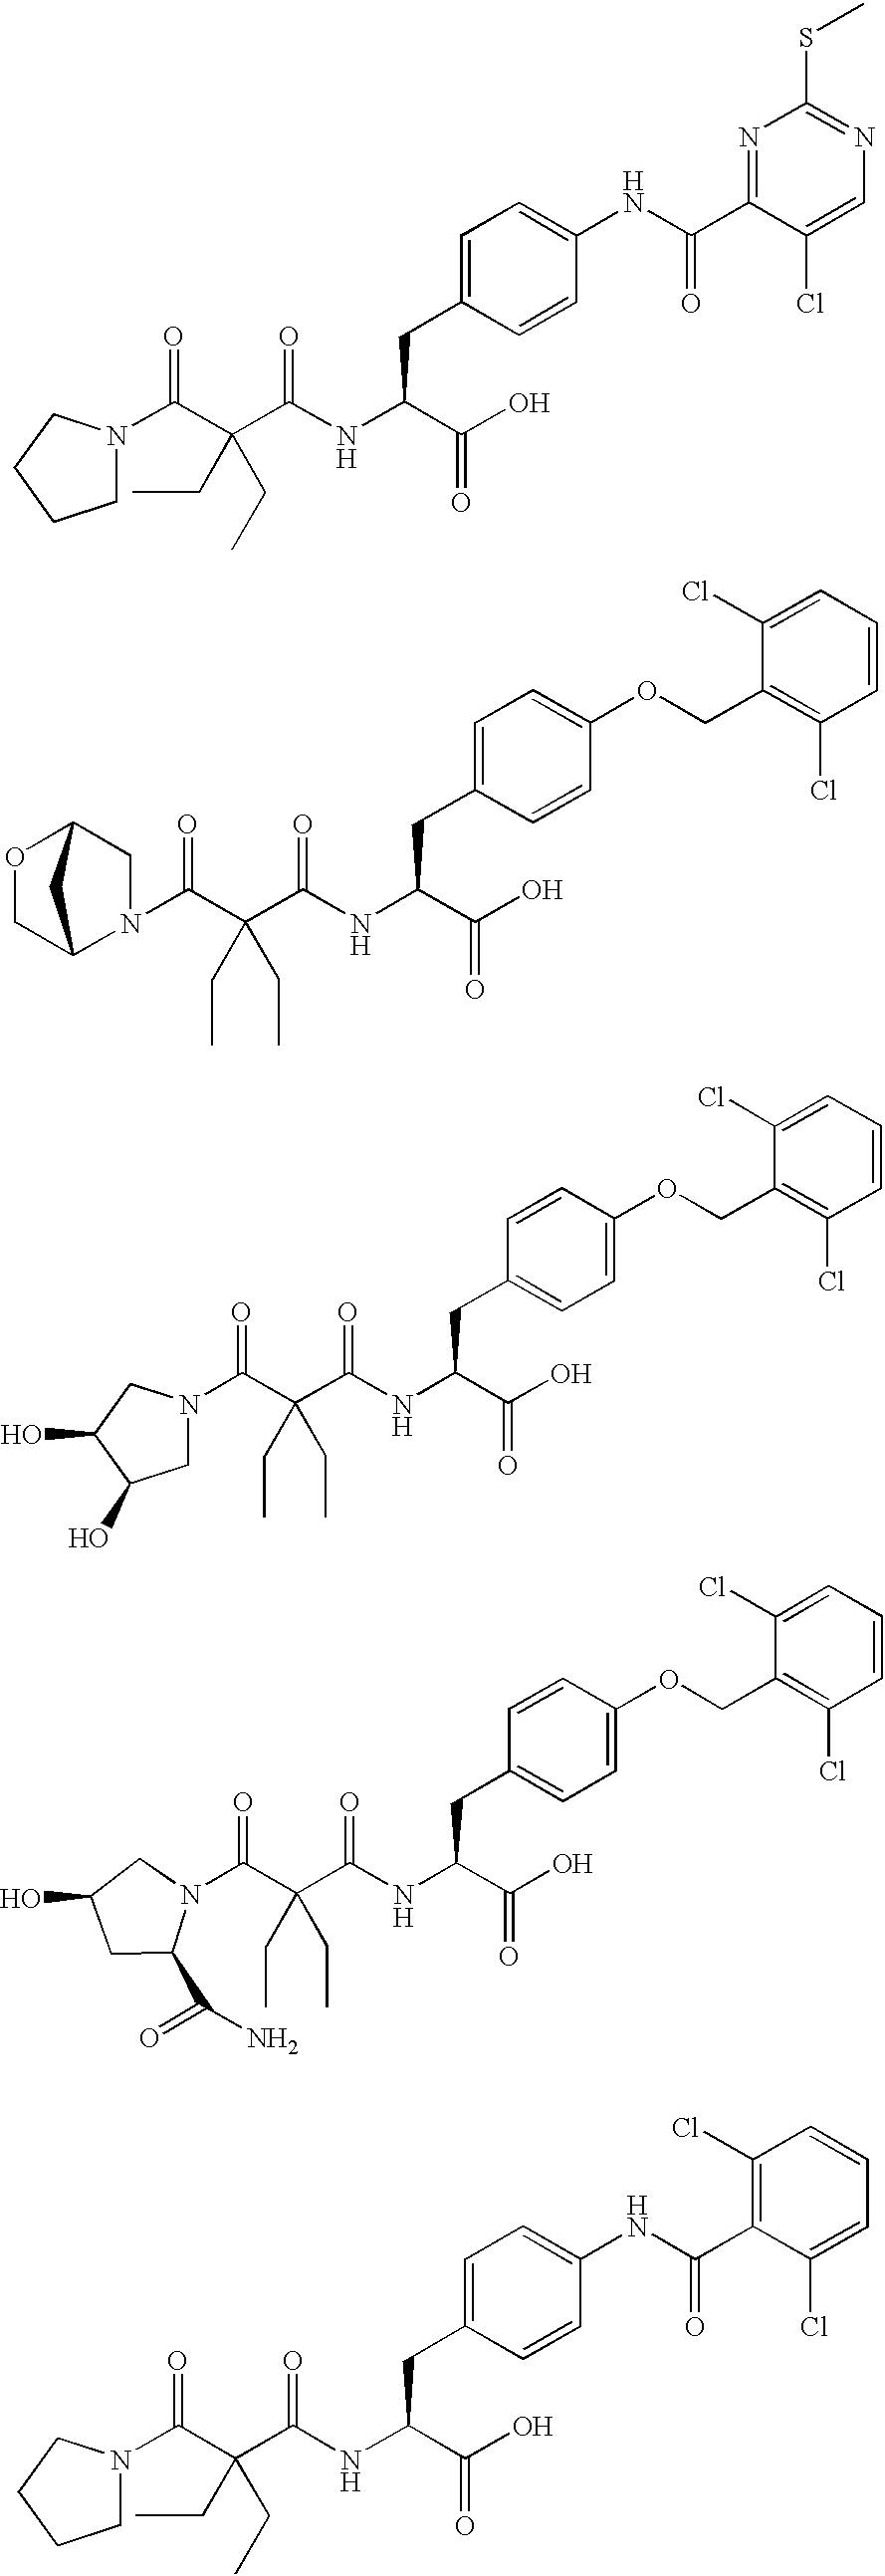 Figure US06855706-20050215-C00004